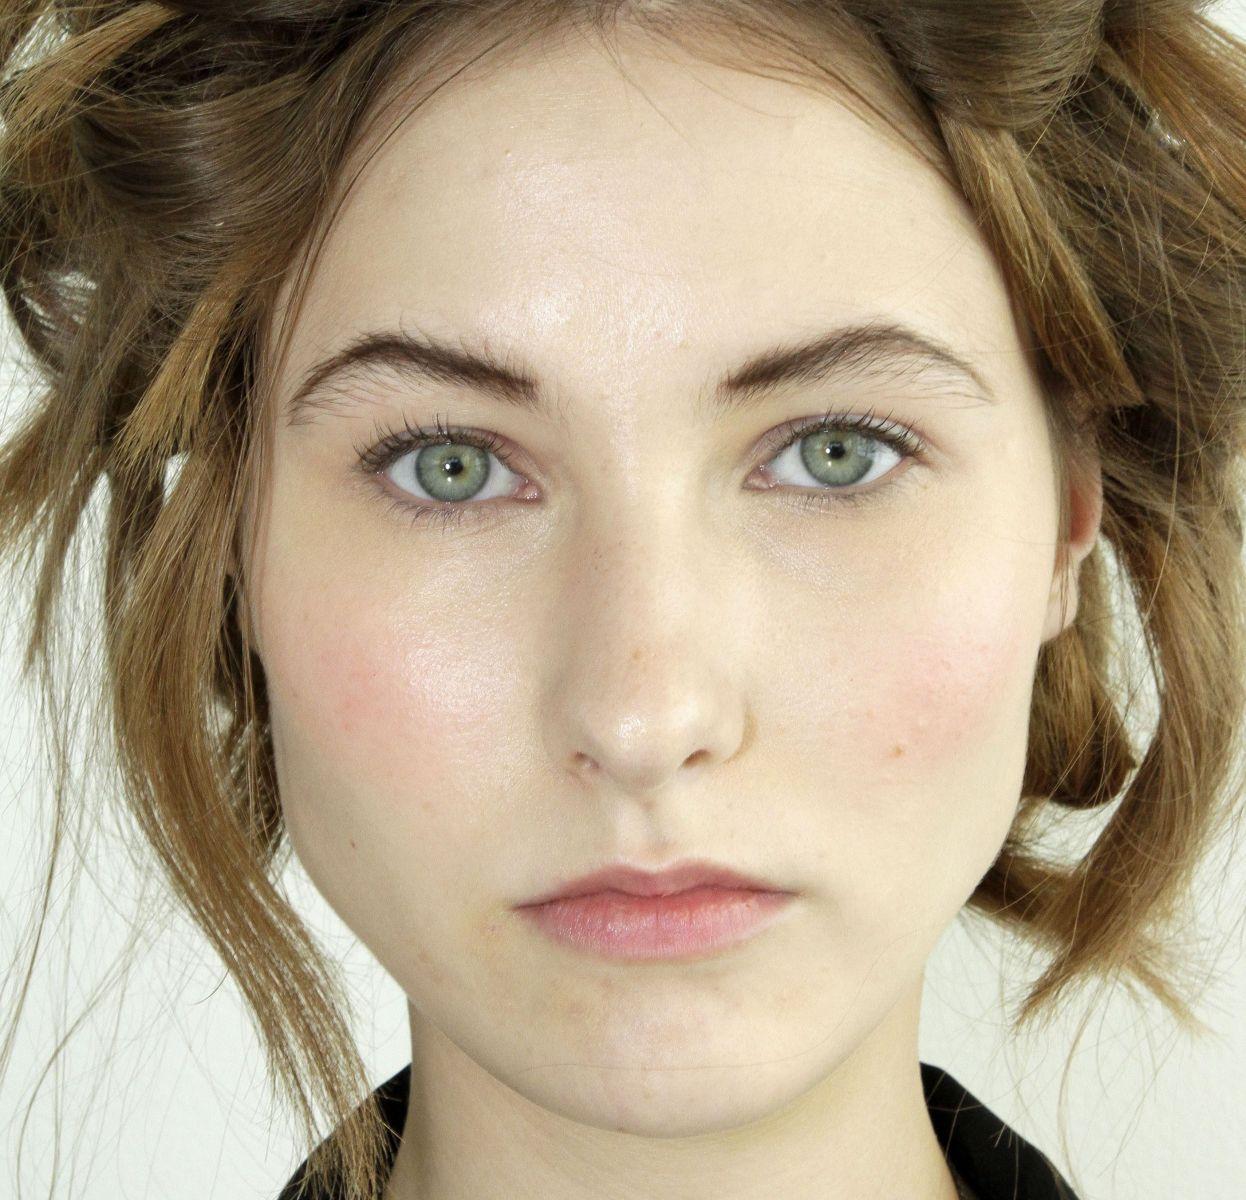 красивые женские лица без макияжа фото знать